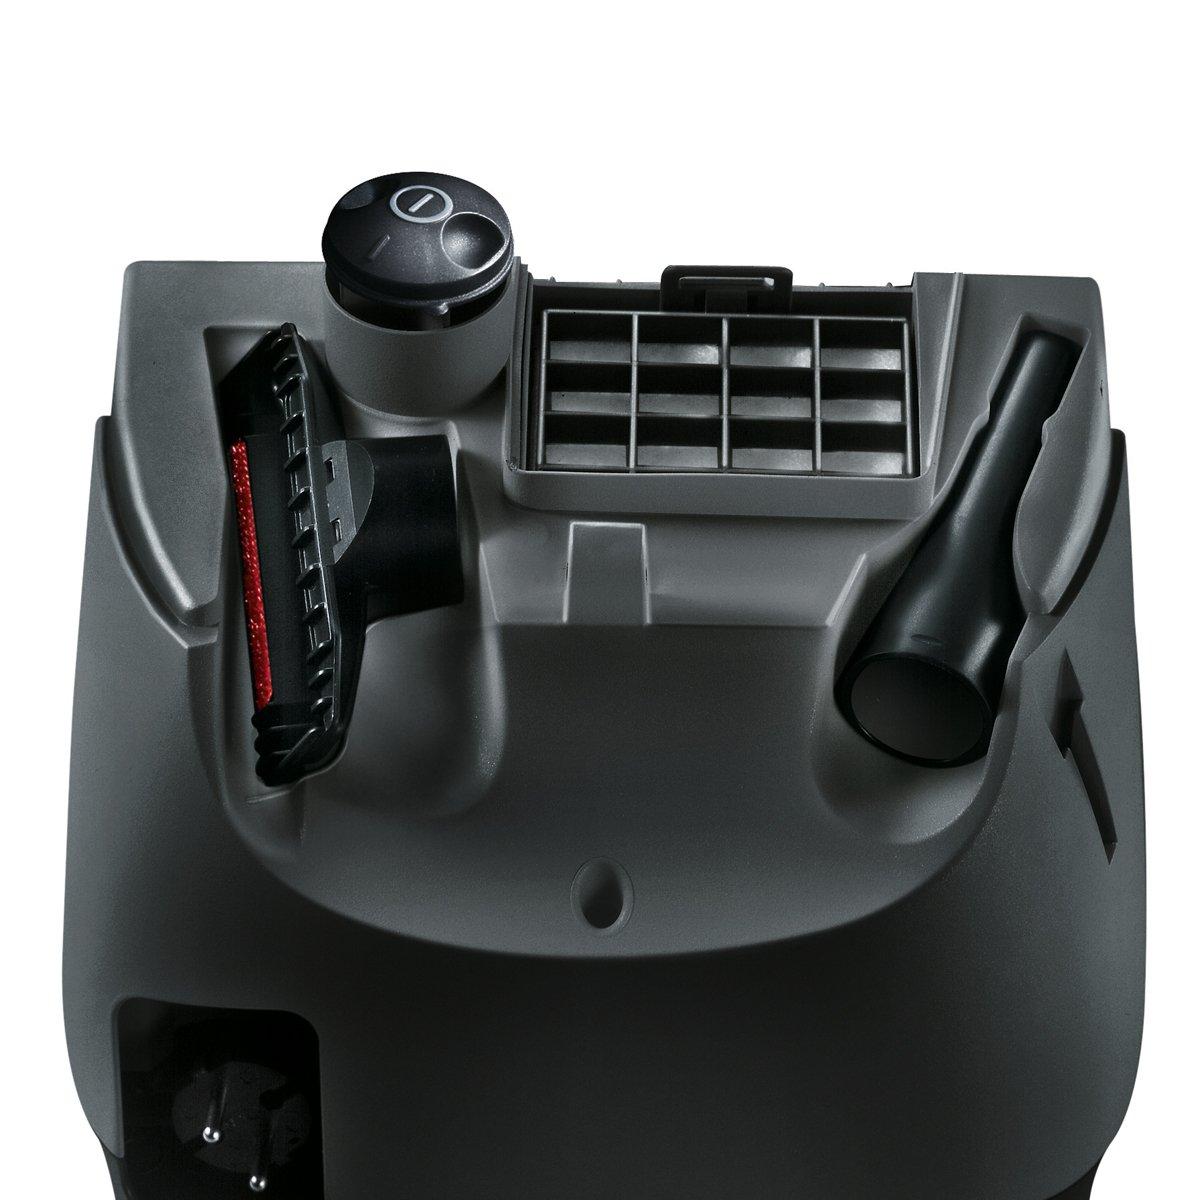 Aspirapolvere Z 3.0 di Siemens motore highPower giunti e tappezzeria VSZ3B212 sistema powerSecure inserti supplementari a ugello per pavimento nero /con sacchetto